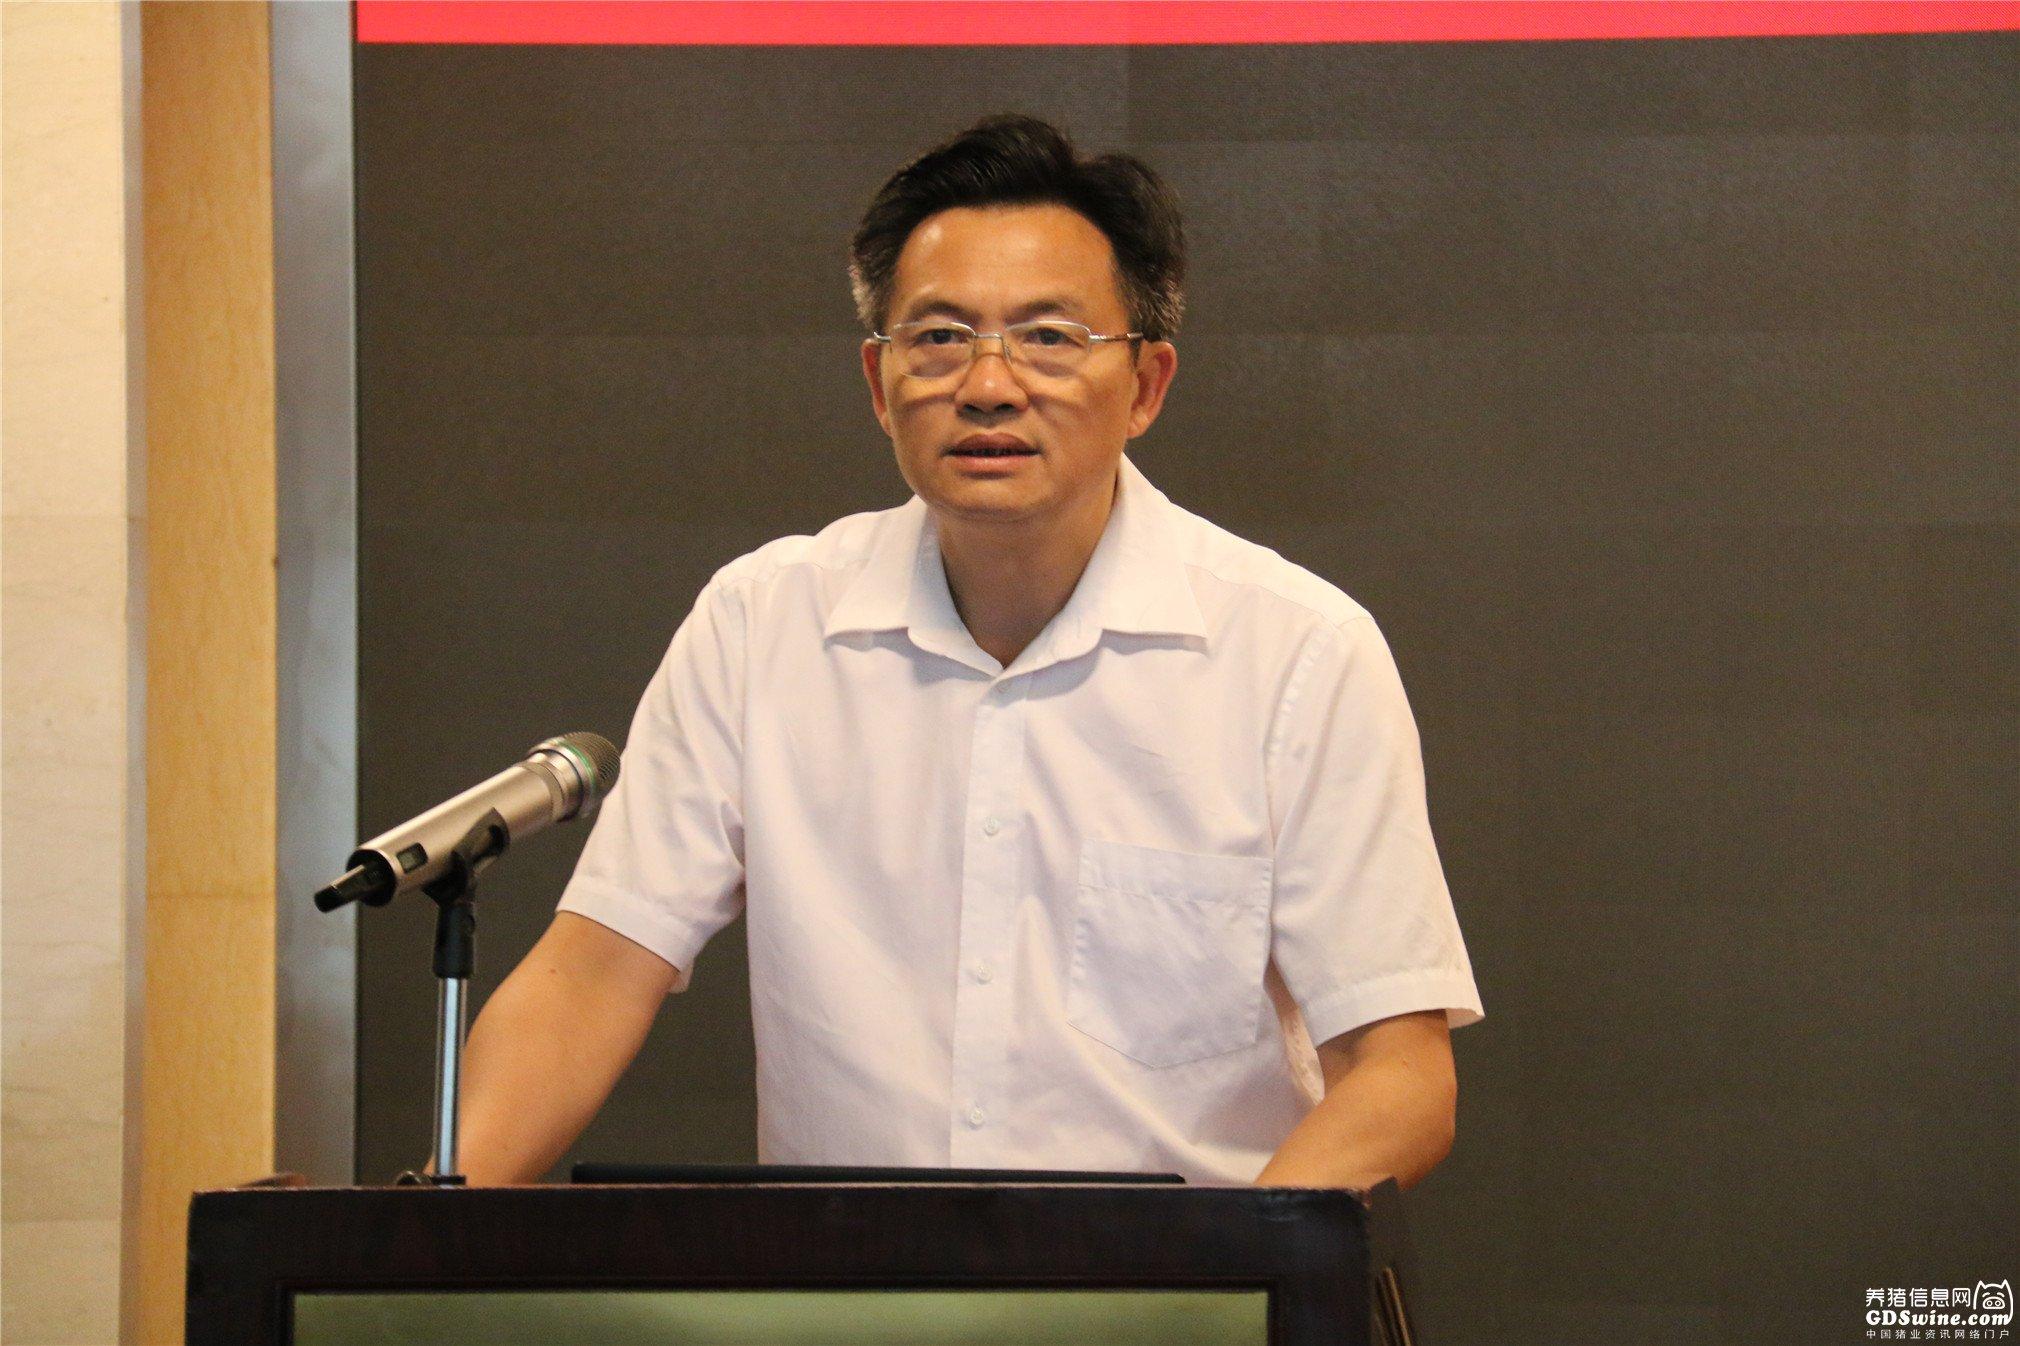 广东省农业农村厅党组成员、副厅长郑惠典讲话